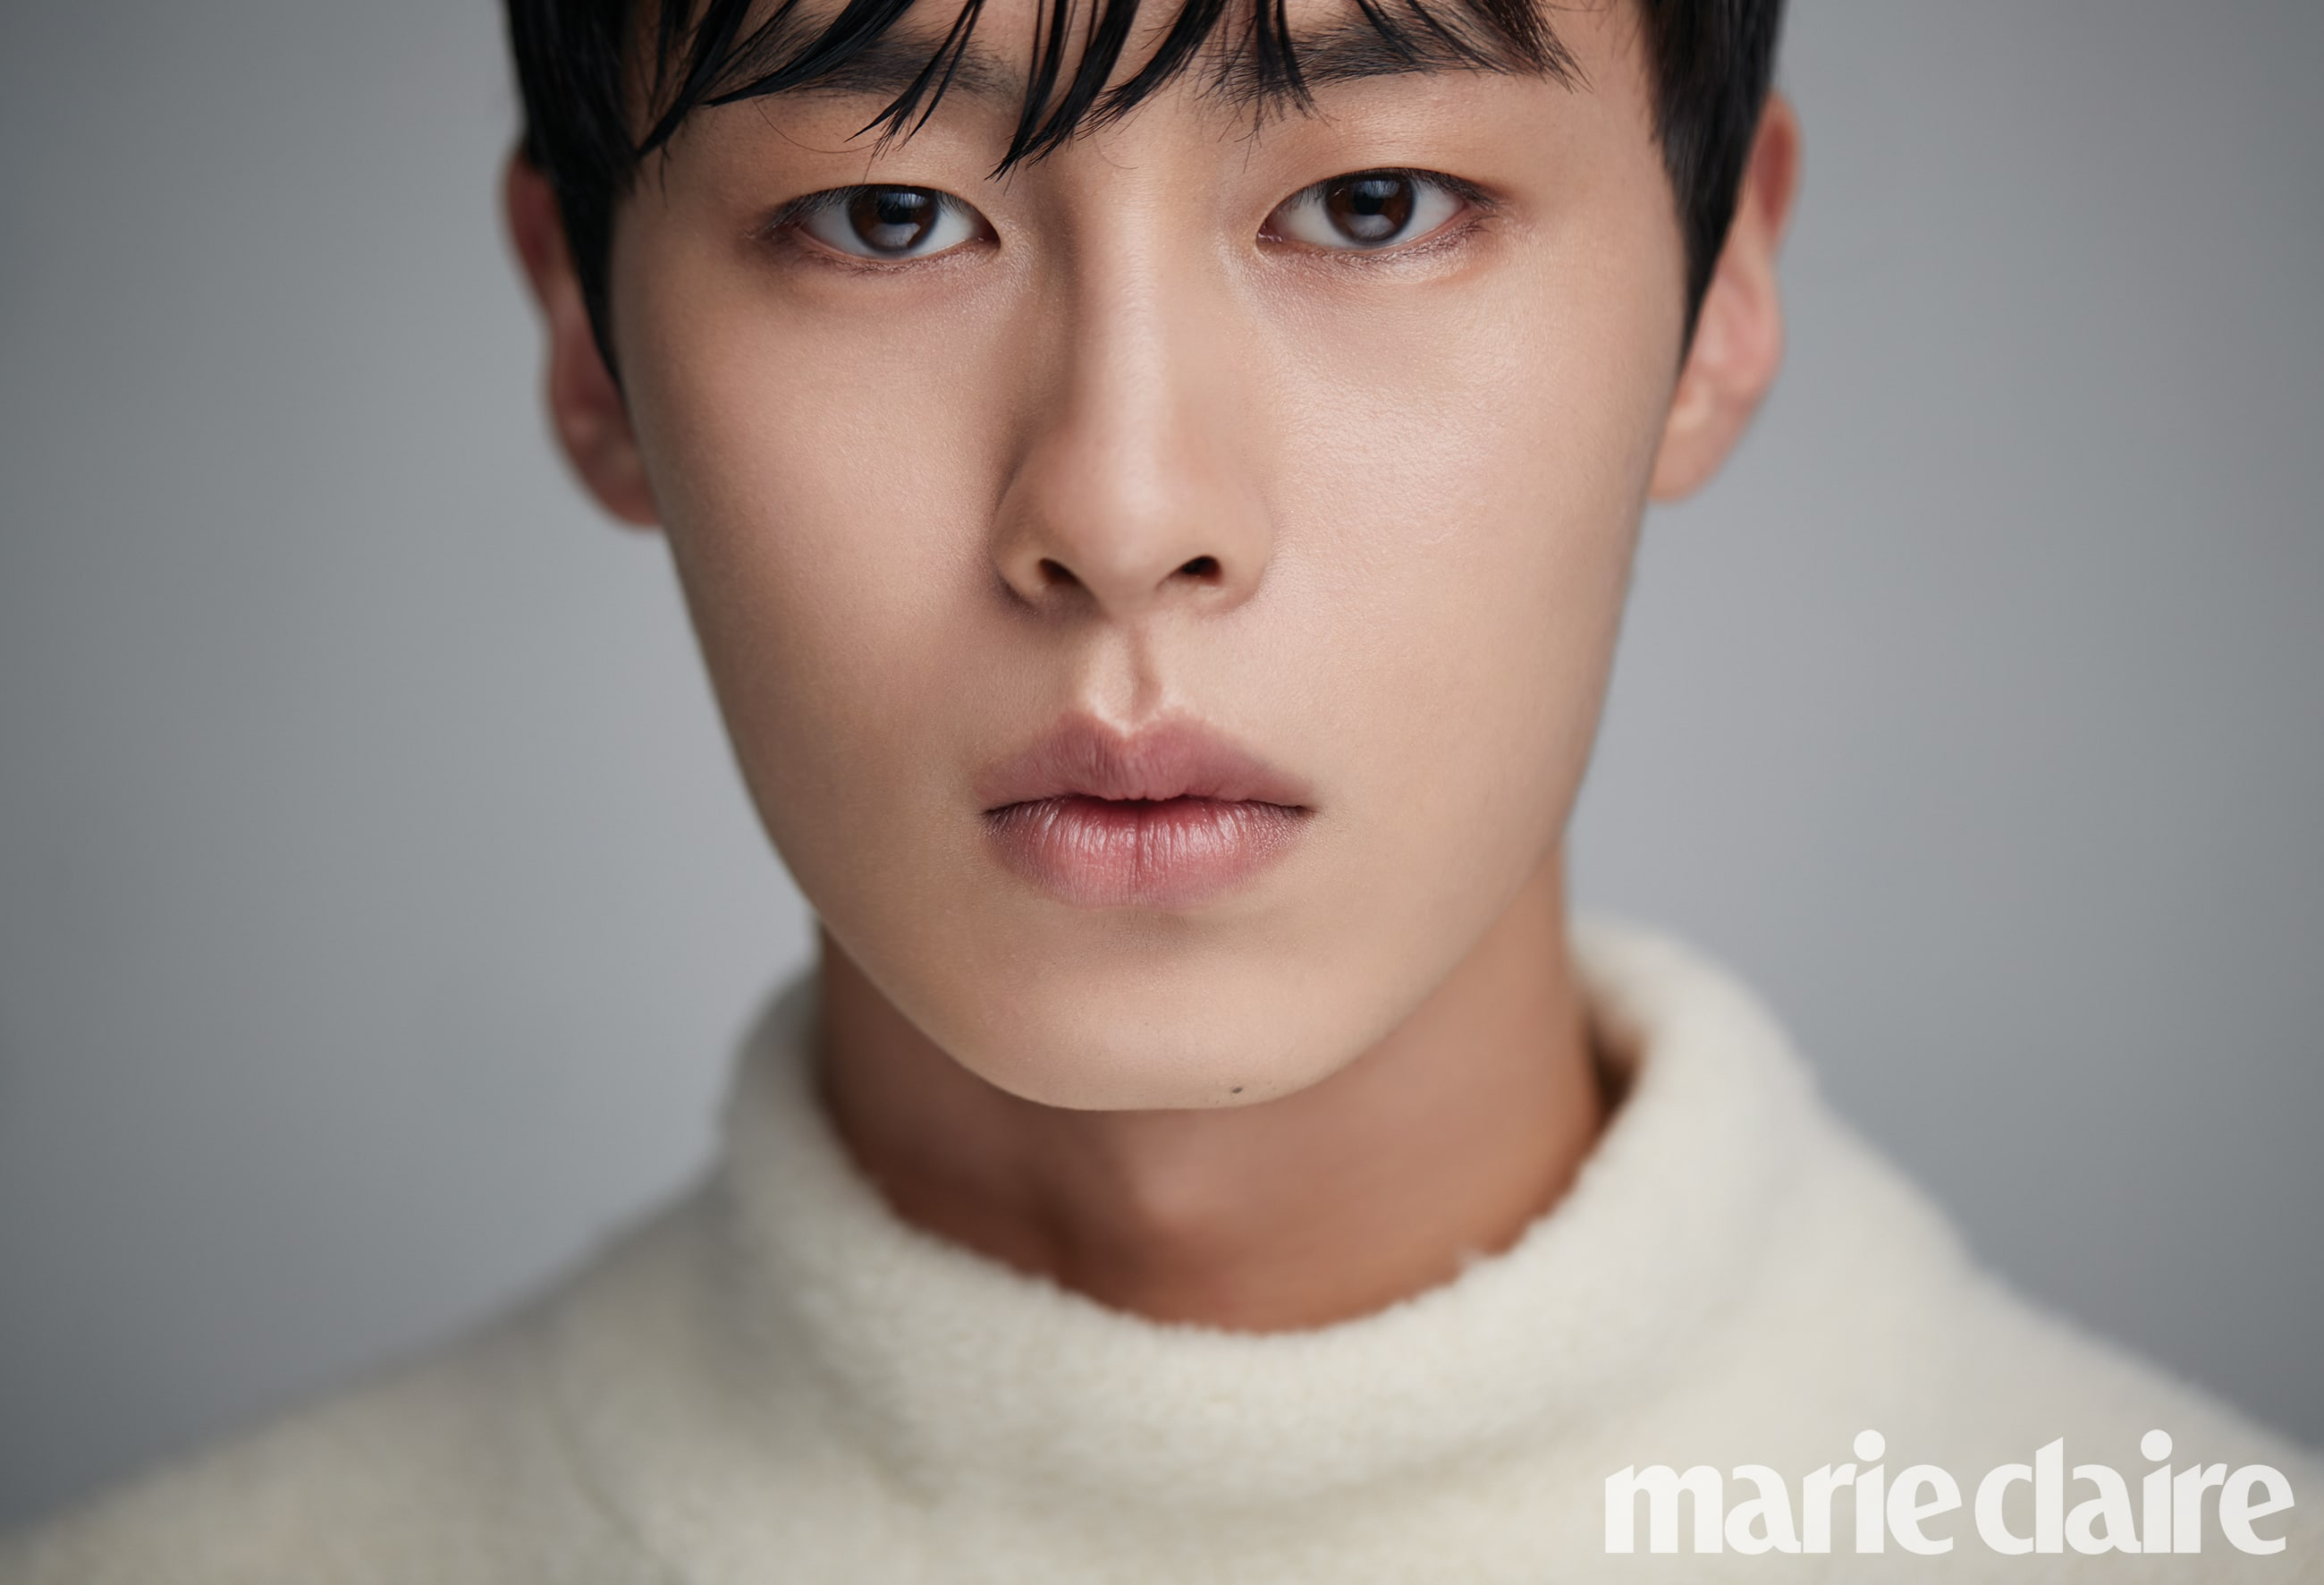 Chia sẻ của Lee Jae Wook về quá trình quay phim Extraordinary You: Tôi phải nỗ lực rất nhiều để hiểu được nhân vật ảnh 3